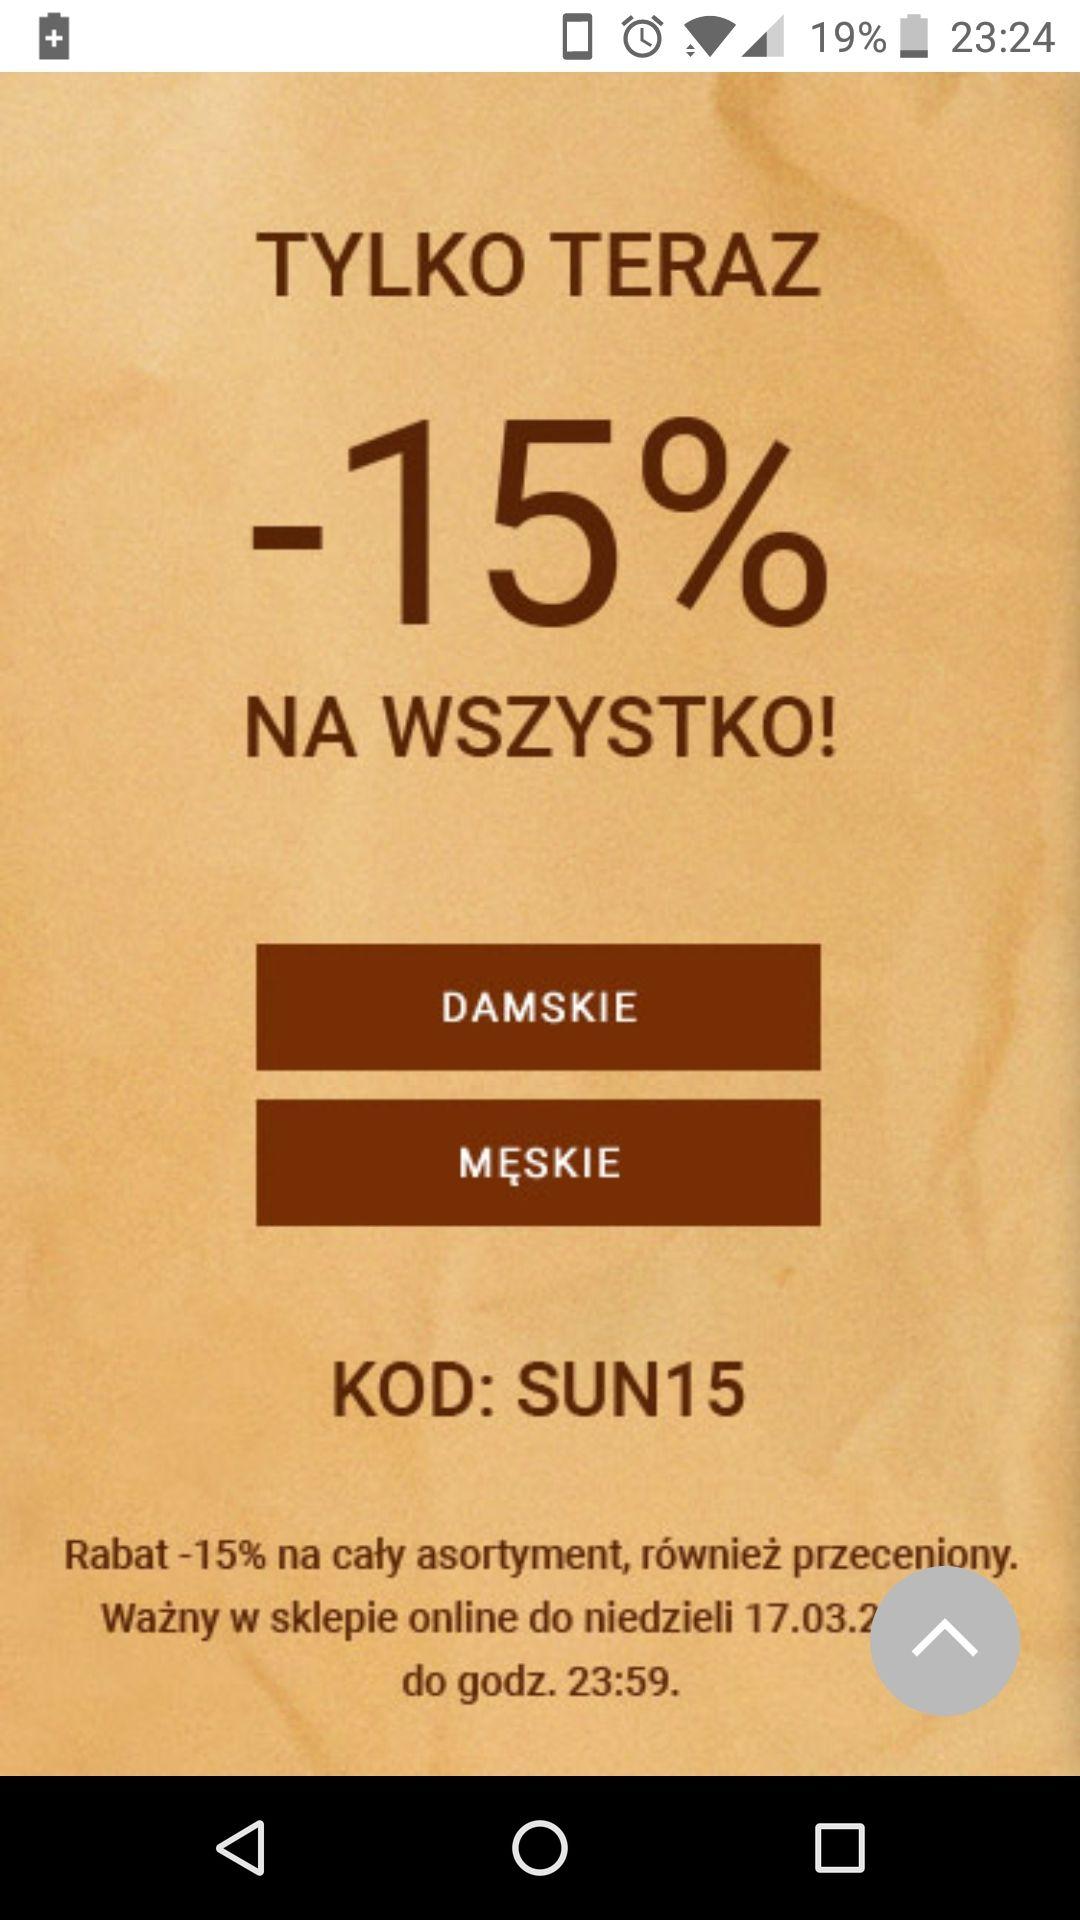 Wojas.pl kod zniżkowy - 15% na wszystko.